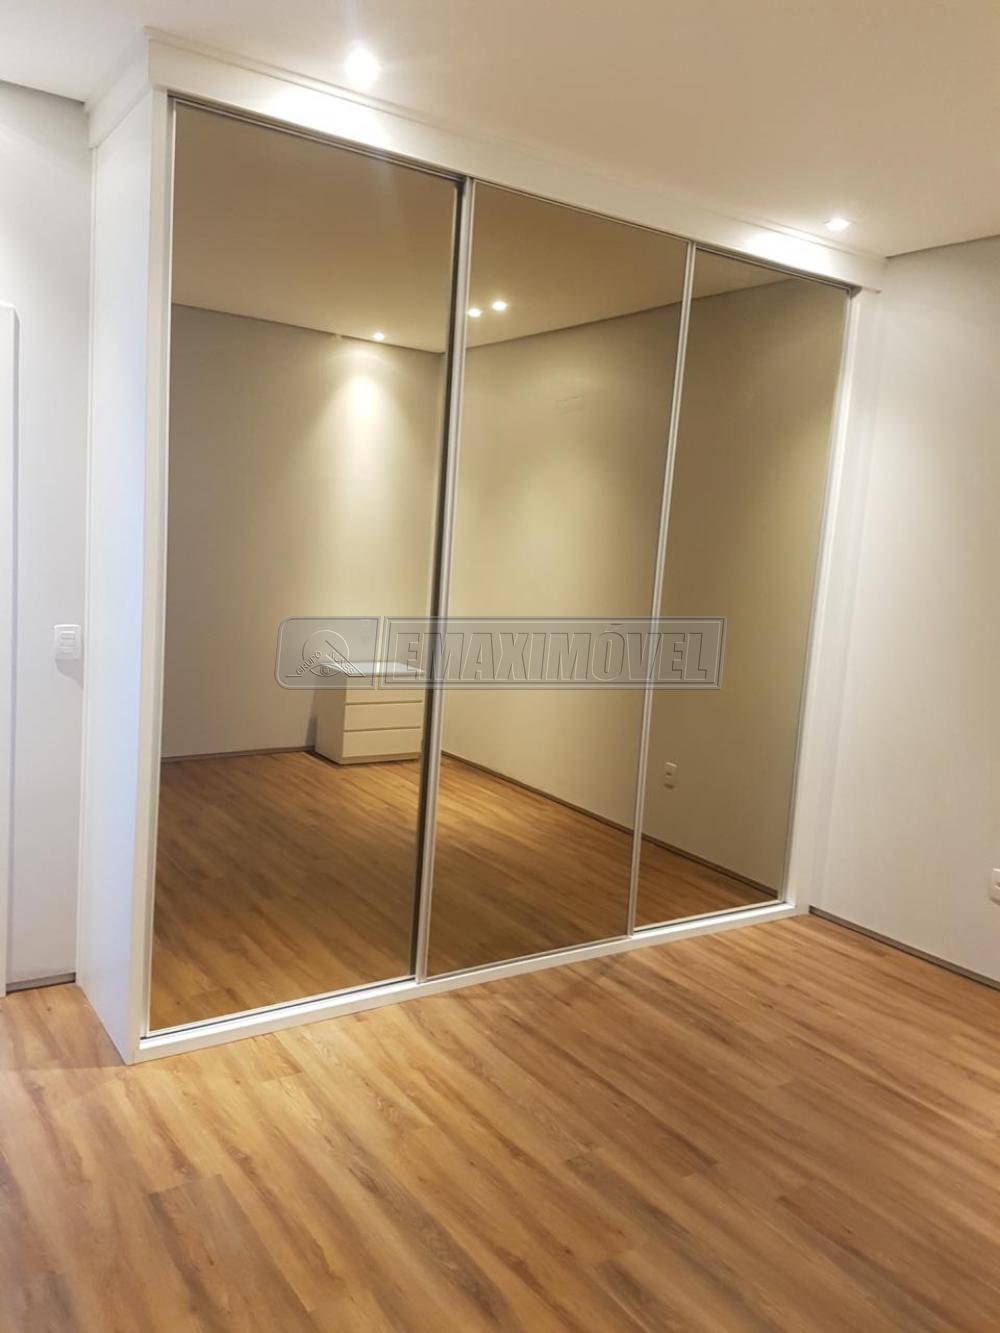 Comprar Casas / em Condomínios em Votorantim apenas R$ 2.100.000,00 - Foto 17